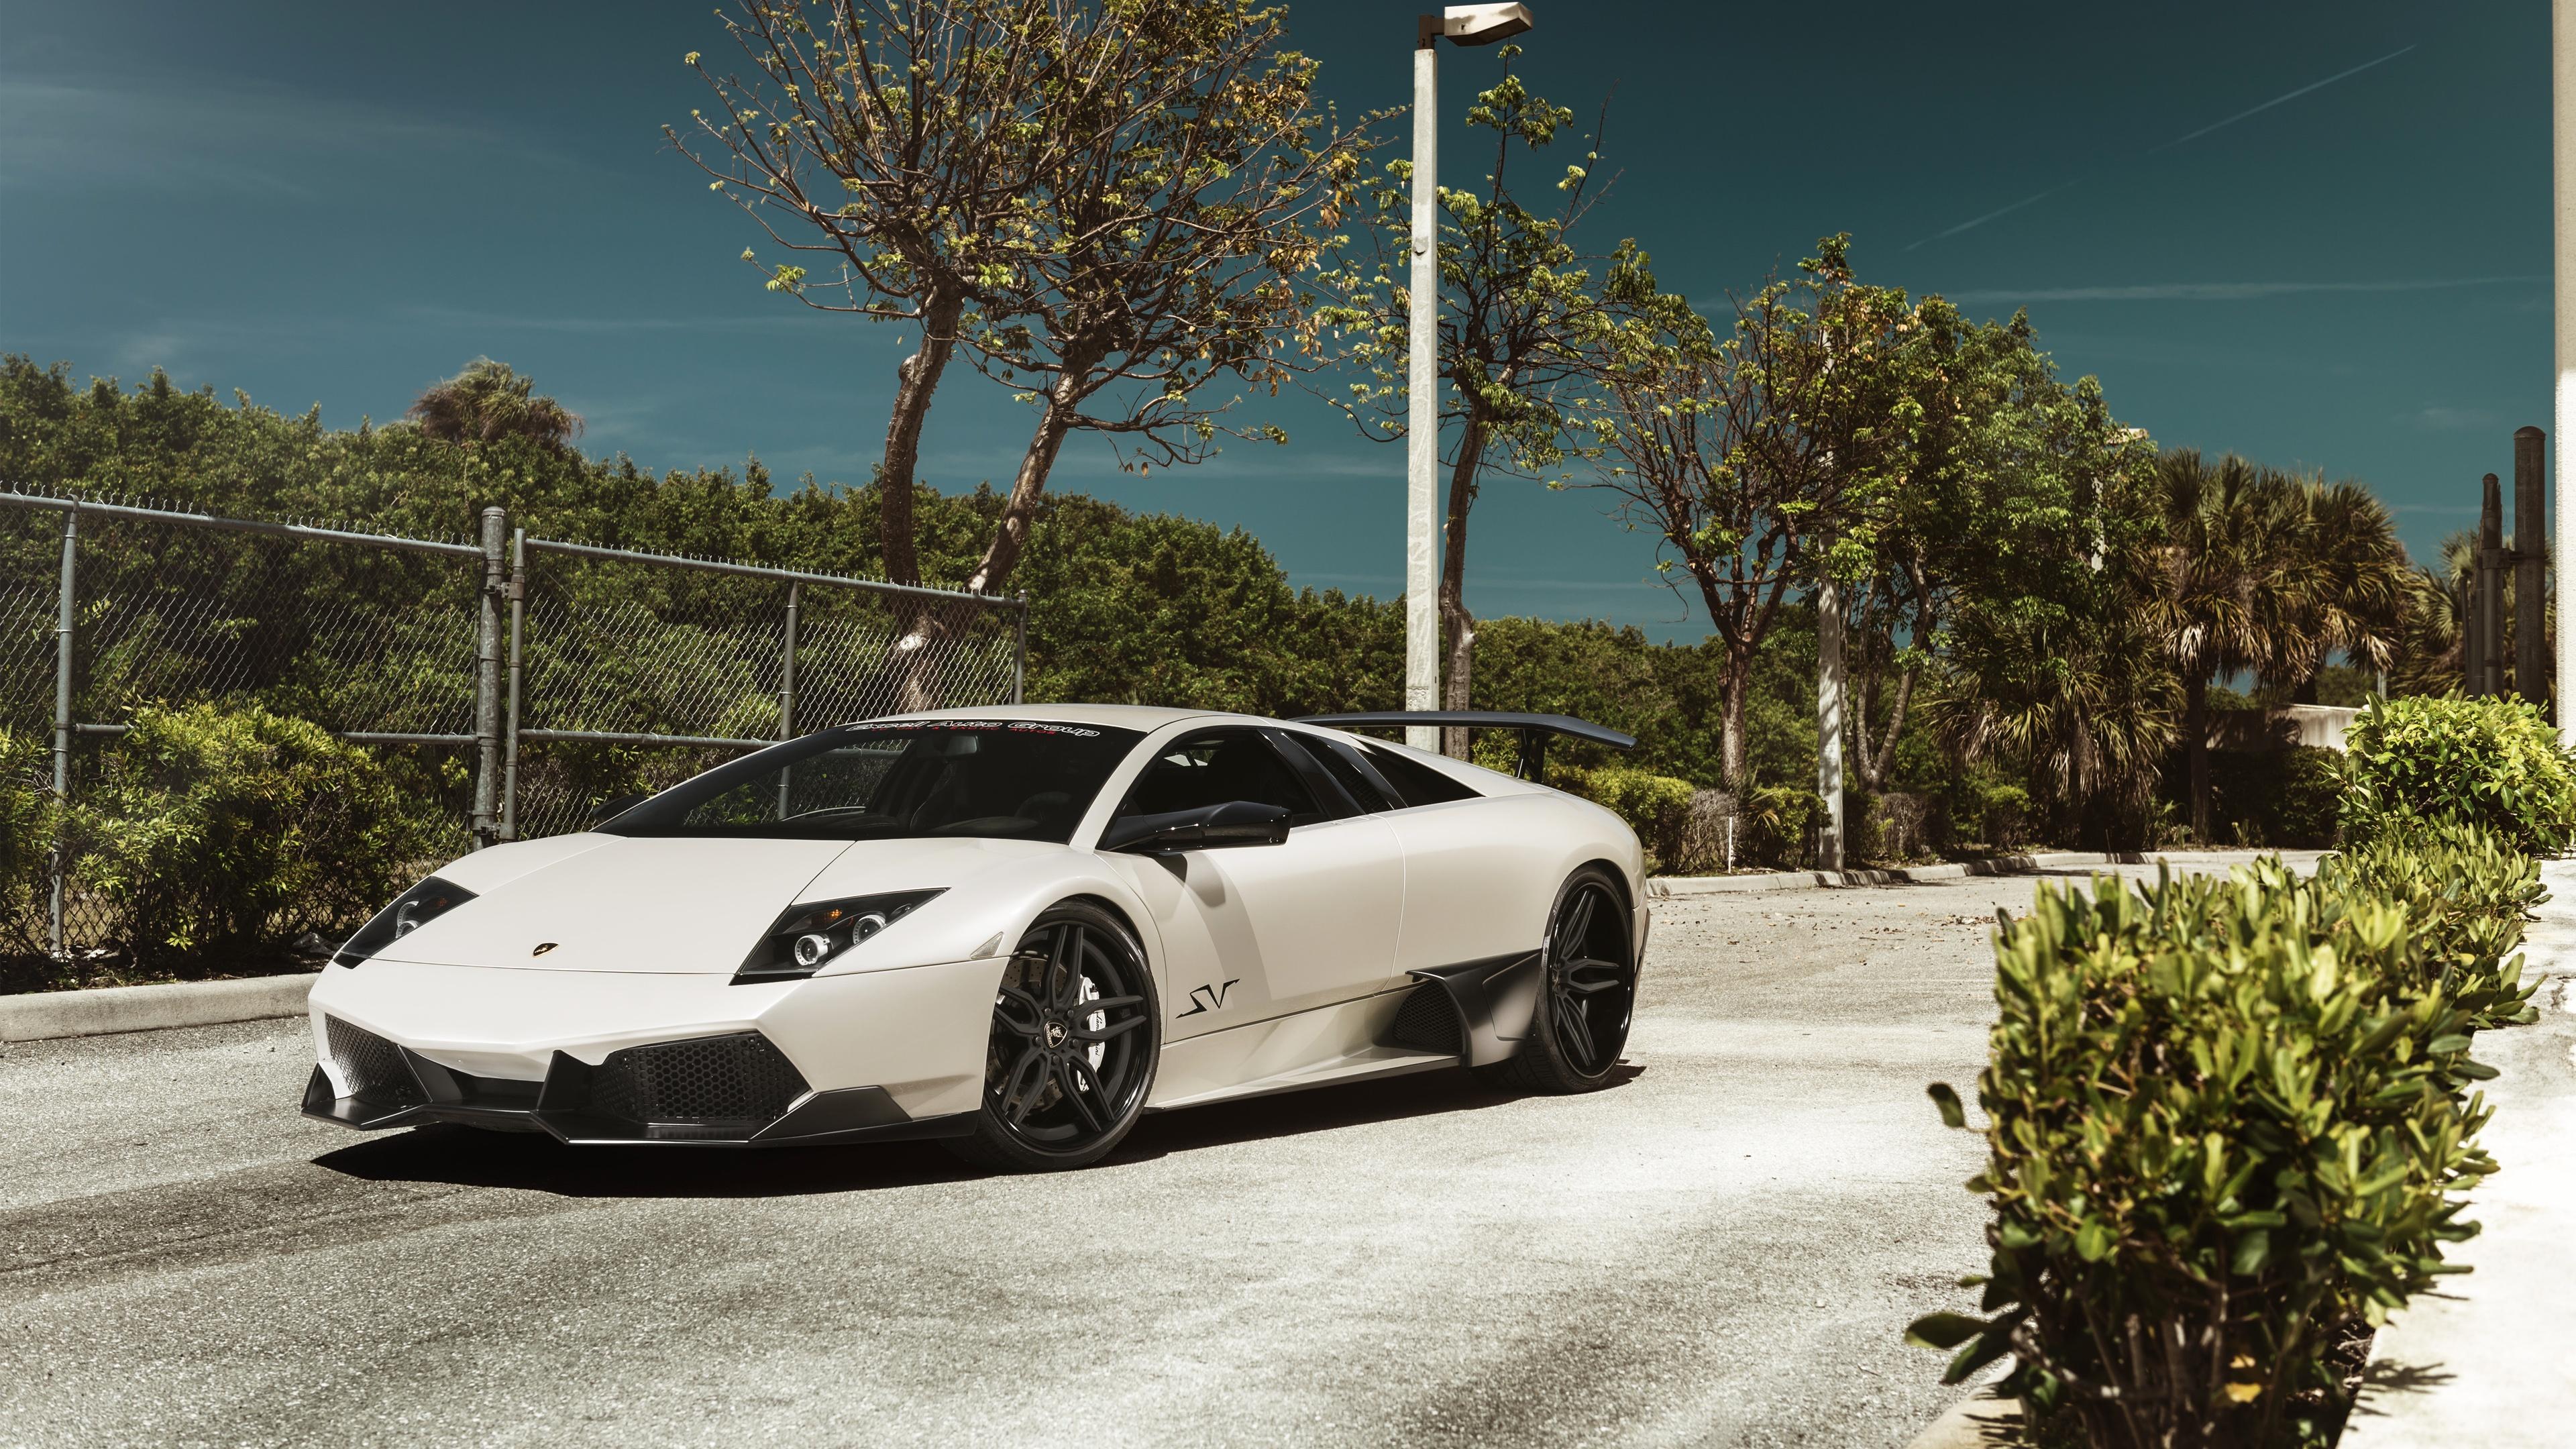 Lamborghini Murcielago Wallpapers Pictures Images